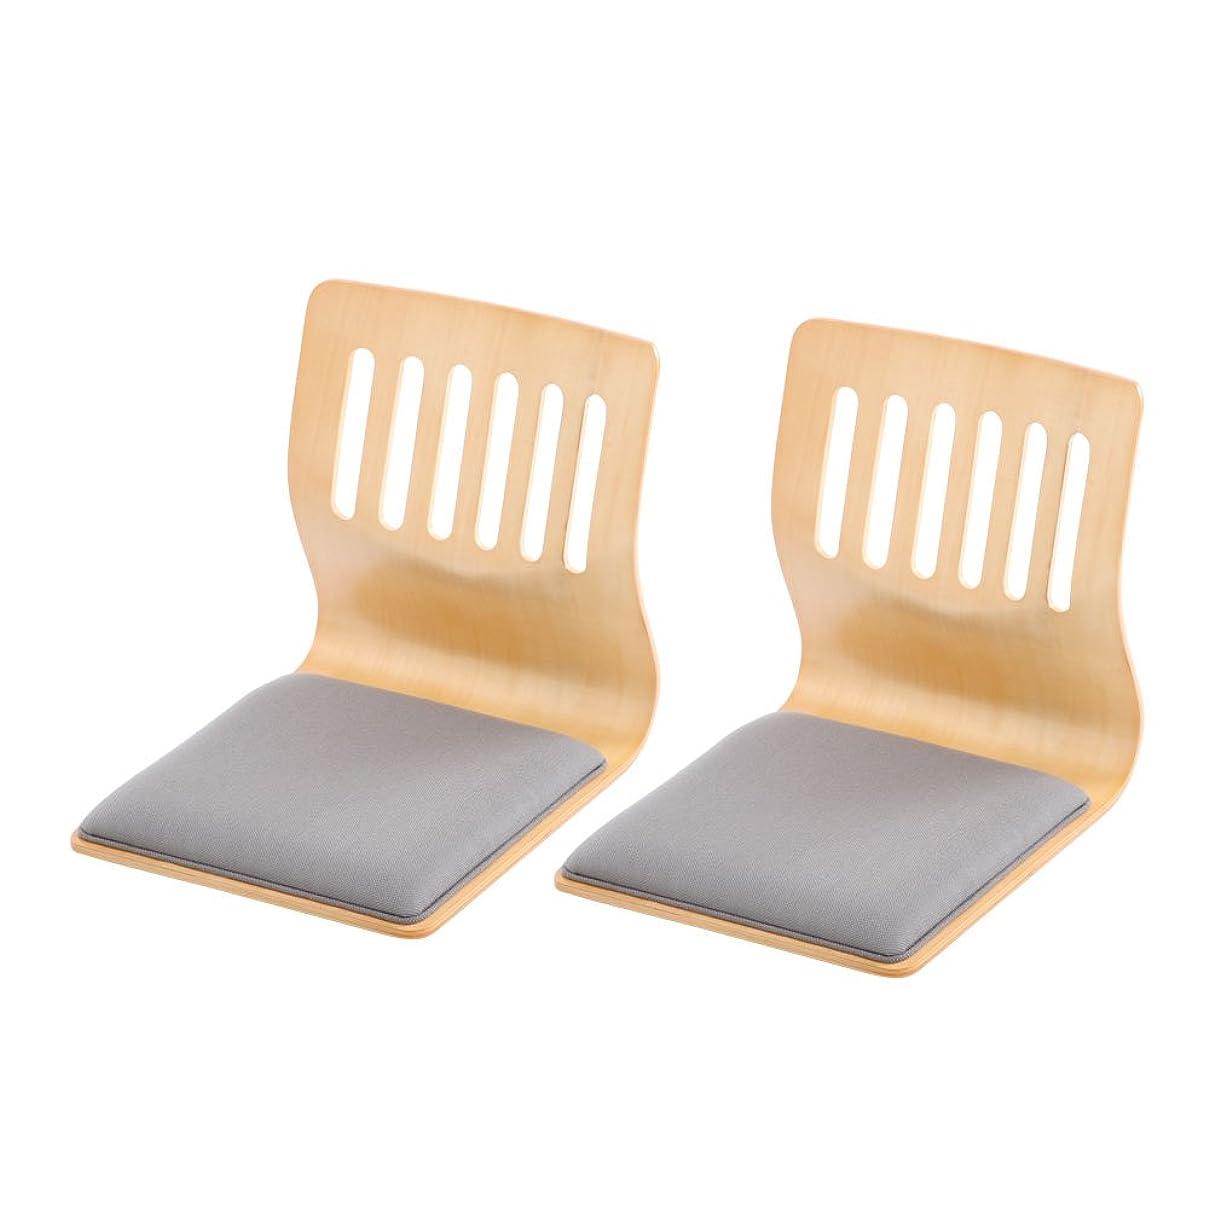 監督する成長防ぐぼん家具 木製 座椅子 クッション付き 和座椅子 和室 椅子 和座いす 和風 座敷 いす フロア 〔2脚セット〕 ナチュラル